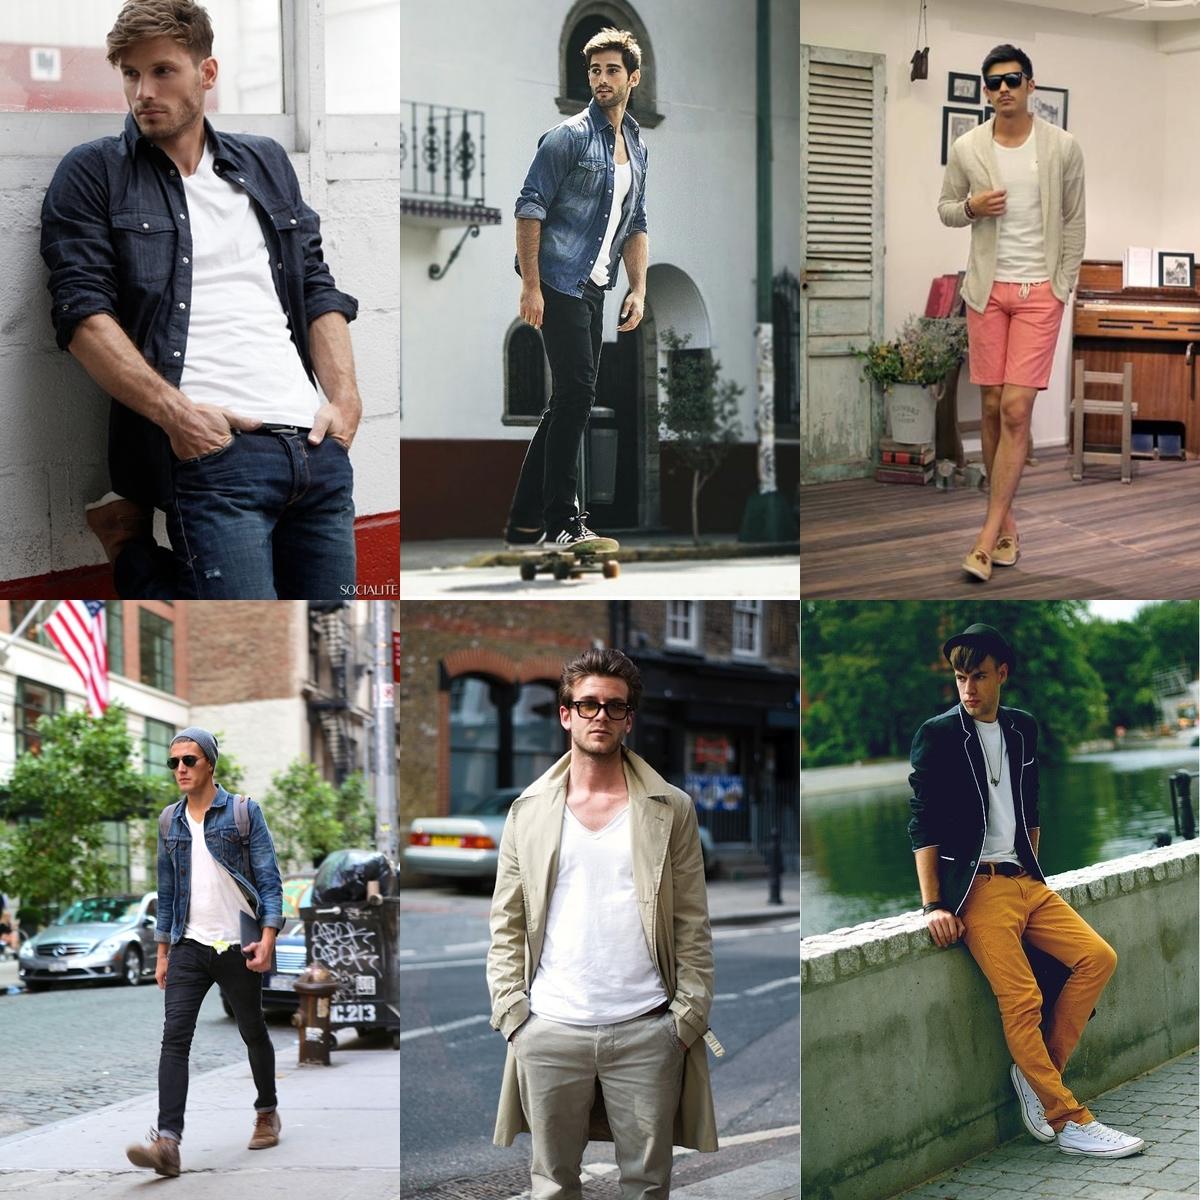 camiseta branca, tshirt branca, como usar, estilo, blog de moda, moda sem censura, fashion blogger, alex cursino, menswear, dicas de moda, style, blogueiro de moda, 2